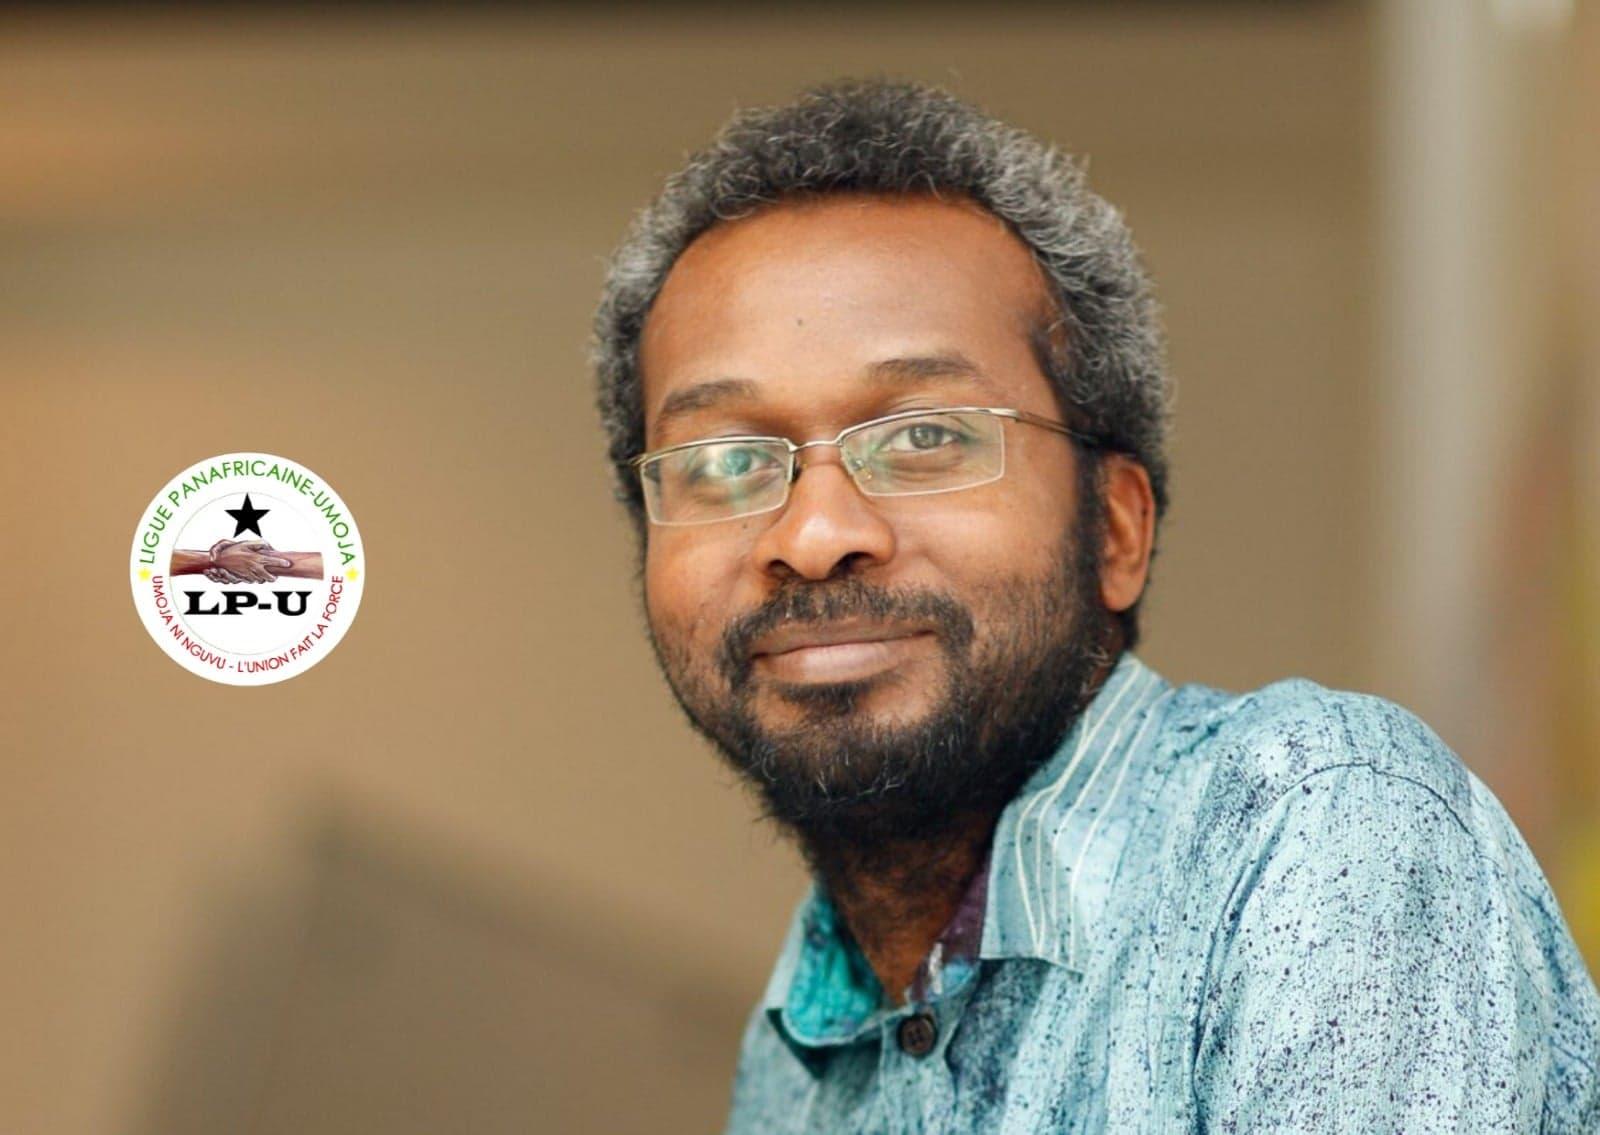 Entretien avec Amzat Boukari sur l' « État de la diaspora africaine »